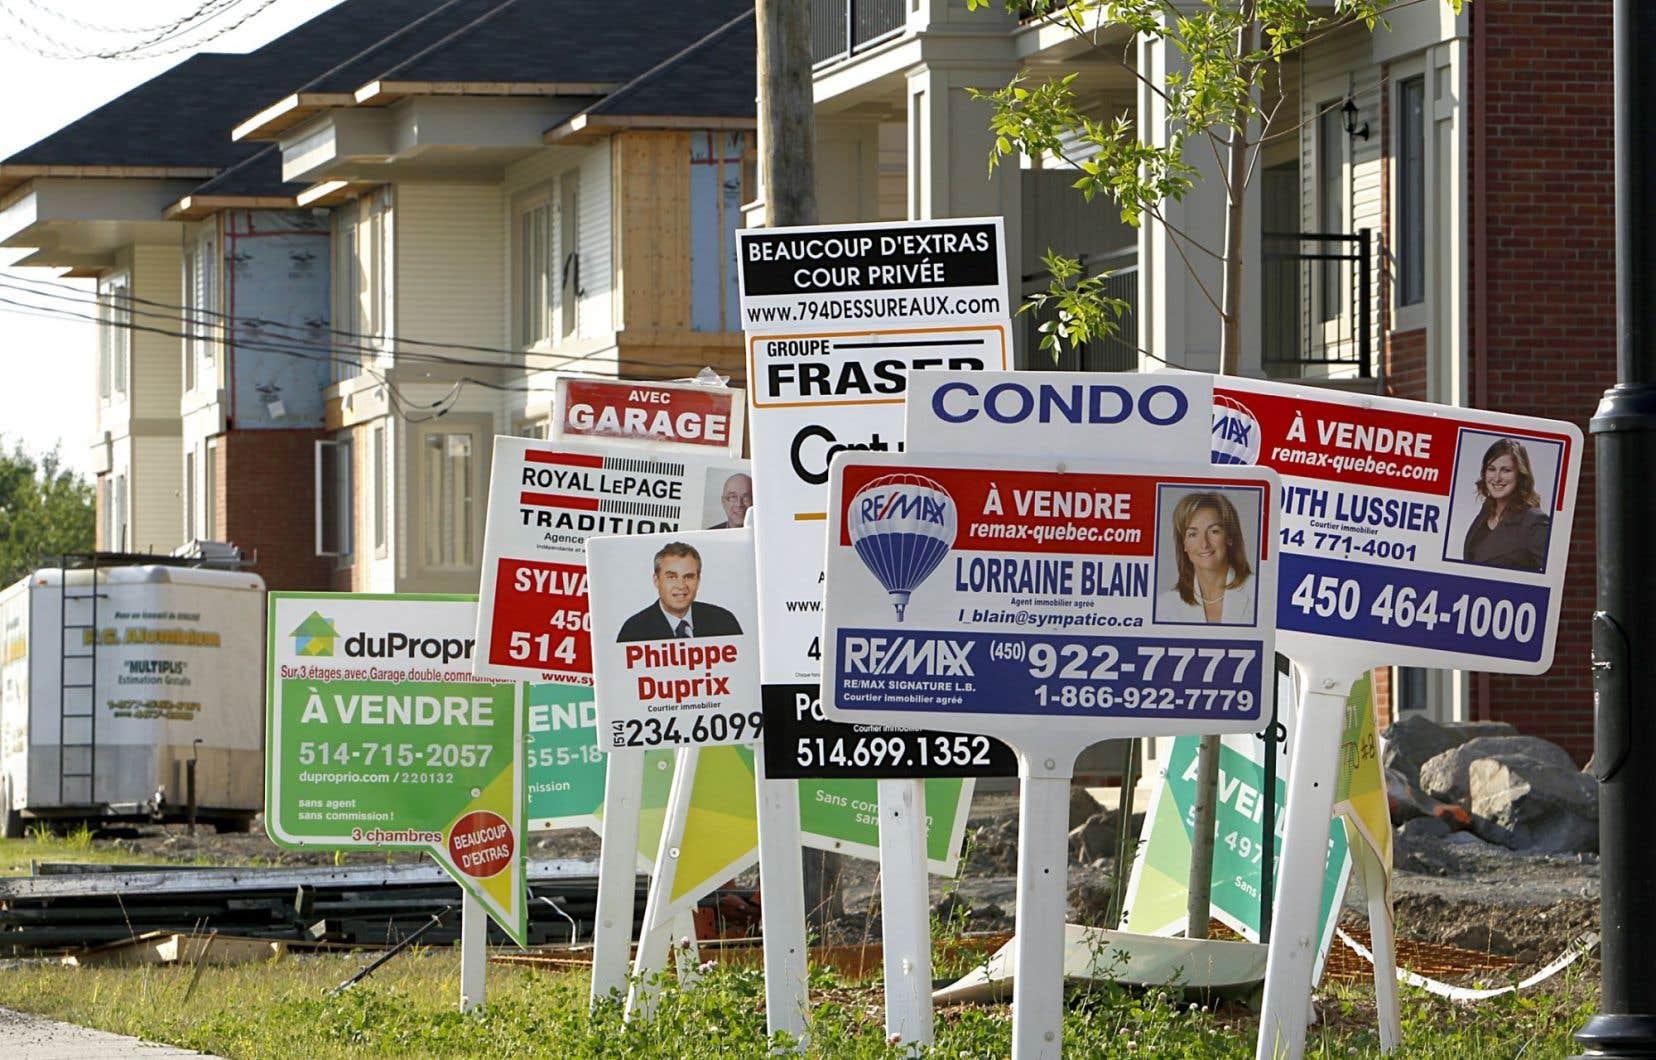 Acheter une maison au qu bec n a jamais t aussi ais for Acheter une maison au quebec